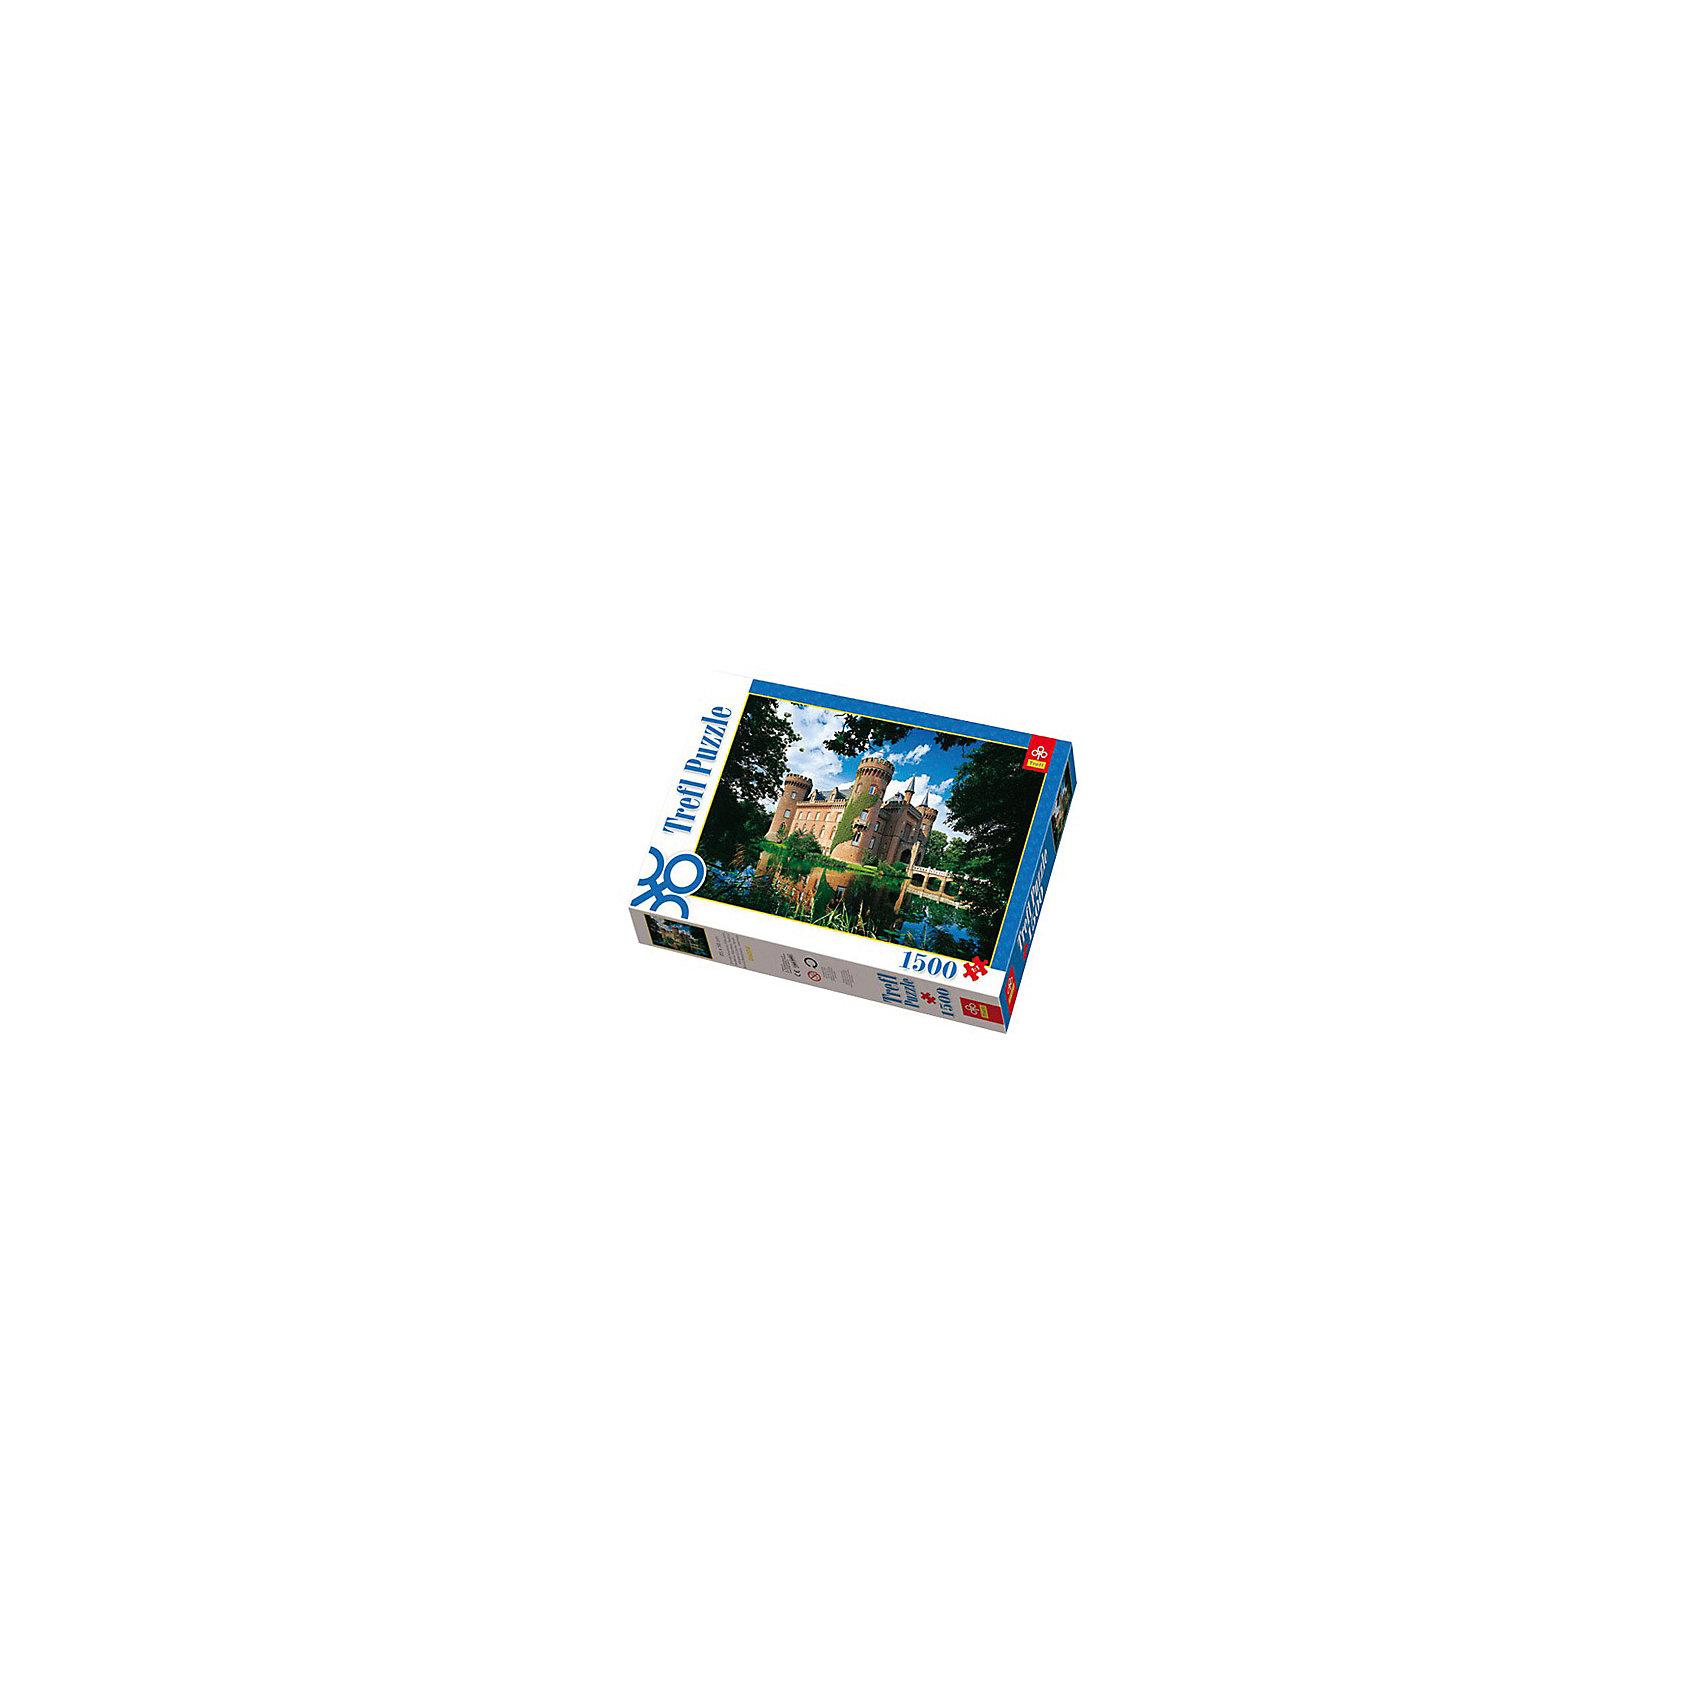 1500 дет. - Замок Мойланд, Северный Рейн-Вестфалия, ГерманияПазлы для детей постарше<br>Замок Мойланд в Вестфалии - памятник архитектуры 14-го века, построенный в нео-готическом стиле. Его название происходит от голландского выражения Красивая земля, которое передаёт впечатляющую живописность тамошних мест. Вы сможете сами оценить<br>красоту замка и окружающей природы, собрав этот огромный пазл-картину из 1500 деталей.<br><br>Не рекомендуется давать детям до 3 лет, которые могут поперхнуться мелкими деталями.<br><br>Ширина мм: 401<br>Глубина мм: 270<br>Высота мм: 60<br>Вес г: 980<br>Возраст от месяцев: 168<br>Возраст до месяцев: 2147483647<br>Пол: Унисекс<br>Возраст: Детский<br>SKU: 7126418